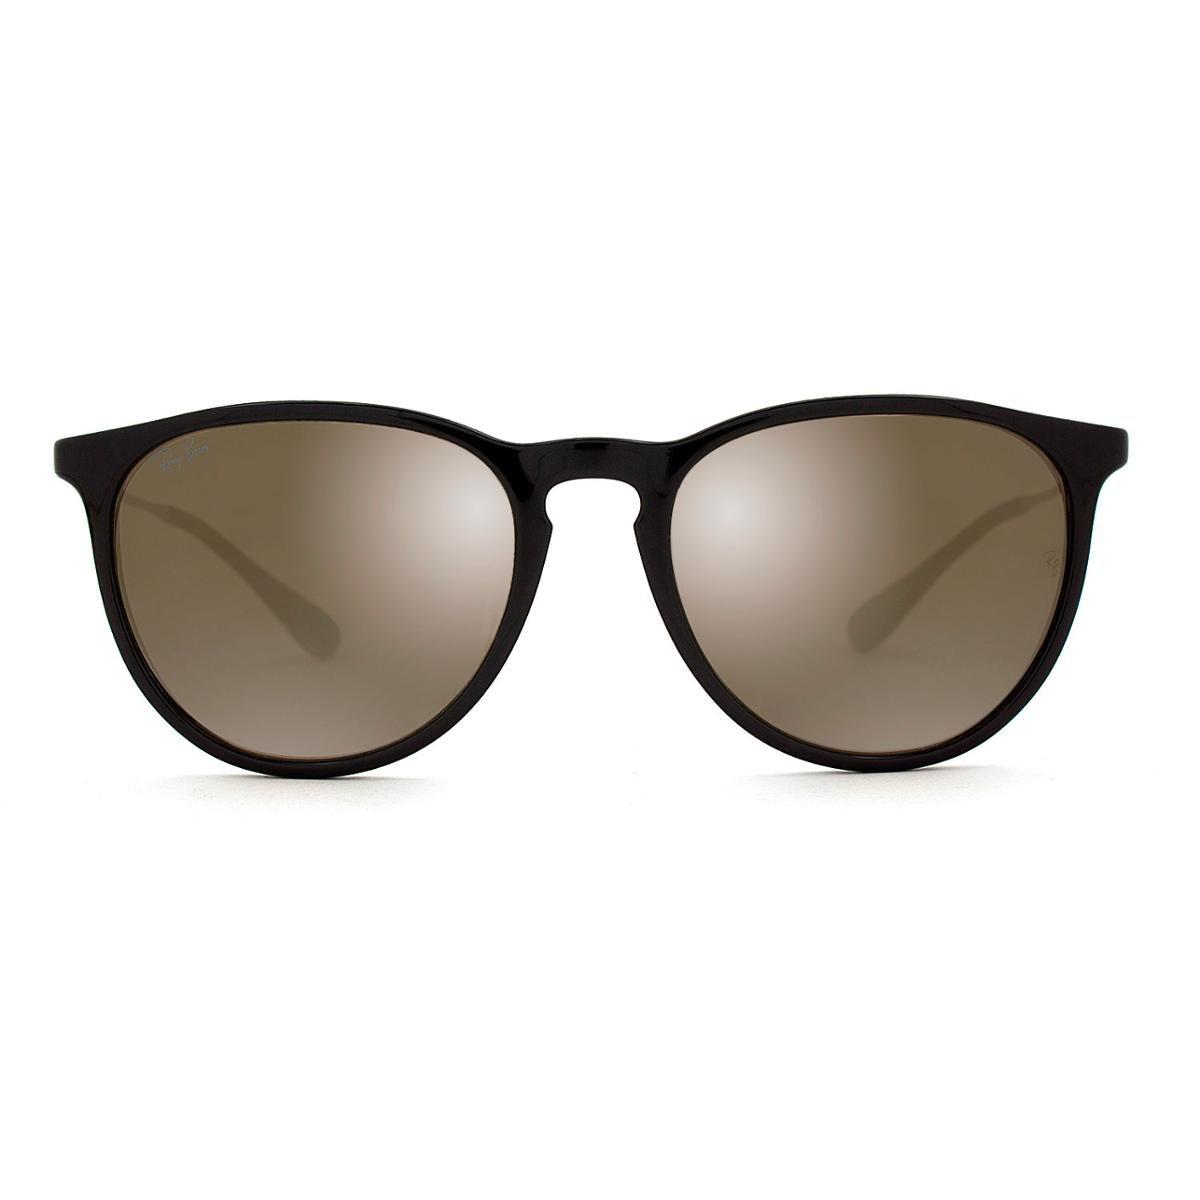 aa5a61c70 Óculos de Sol Ray Ban Erika RB4171L 601/5A-54 Feminino   Netshoes